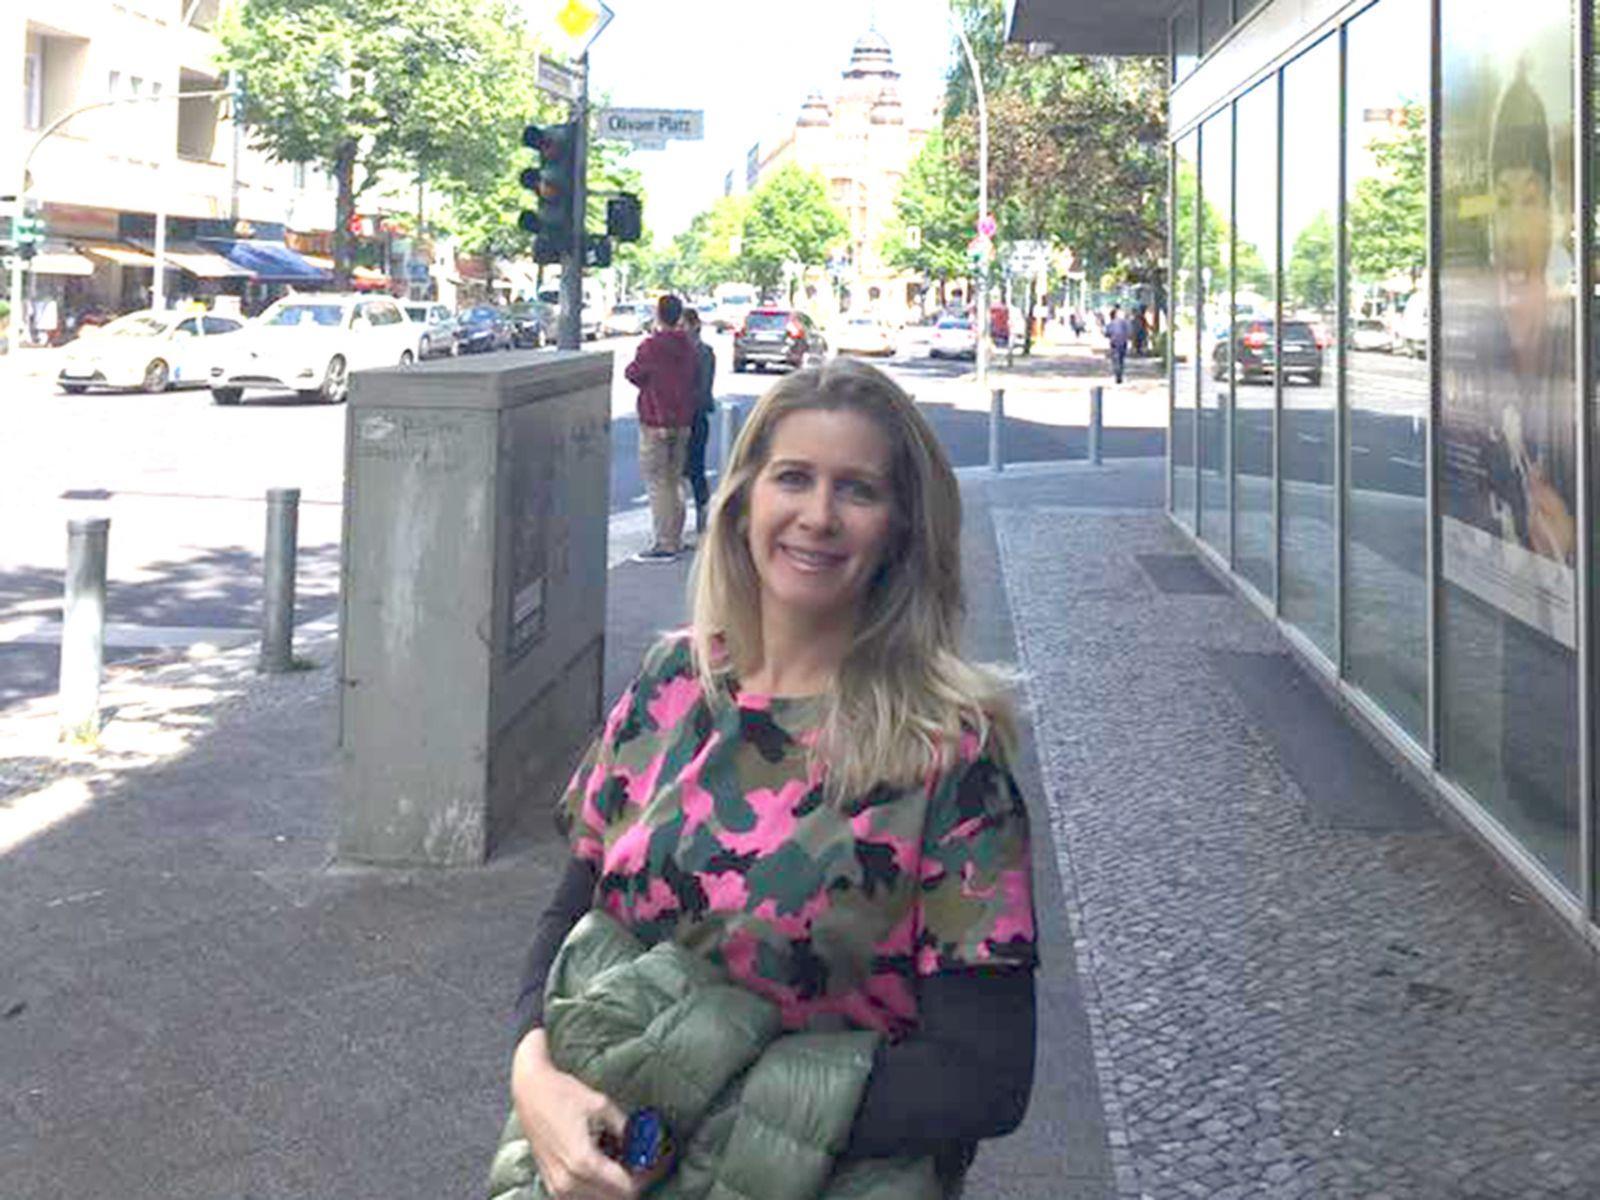 Cristina Felix é a aniversariante de hoje, na foto ela está com seus pais Leninha e Lúcio Felix de Souza